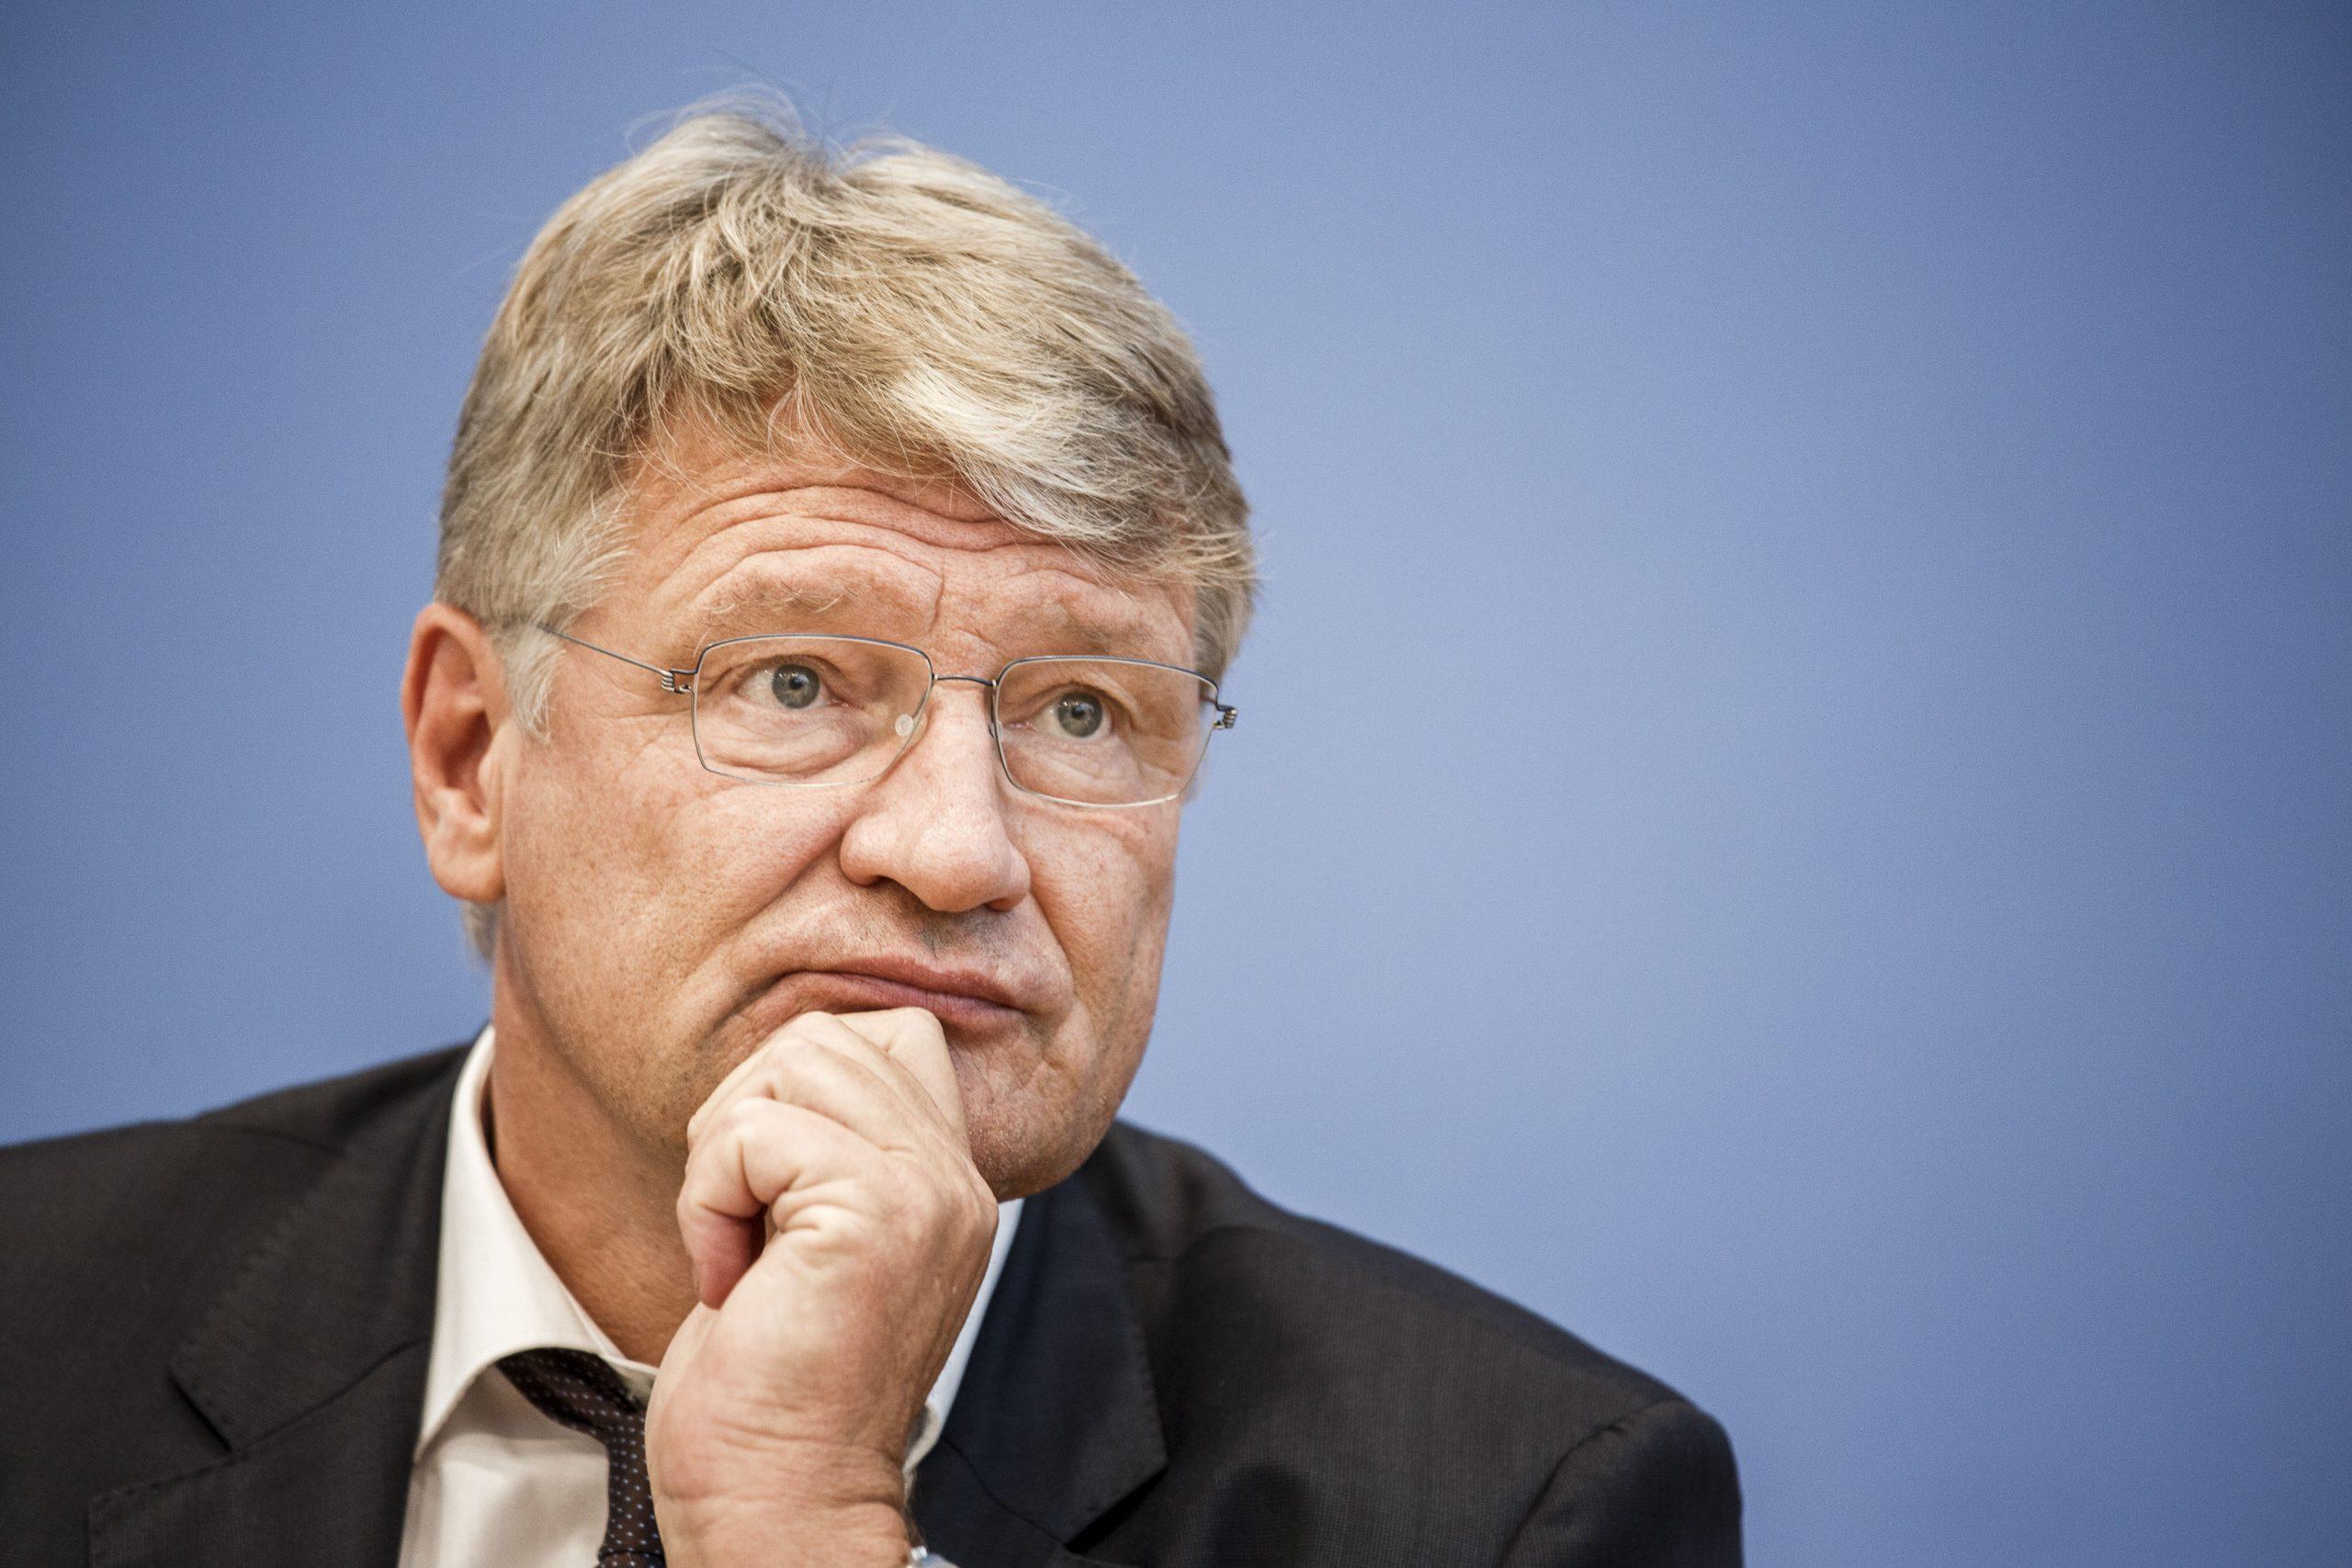 Jörg Meuthen: Nein zum digitalen Impfpass, nein zur indirekten Impfpflicht